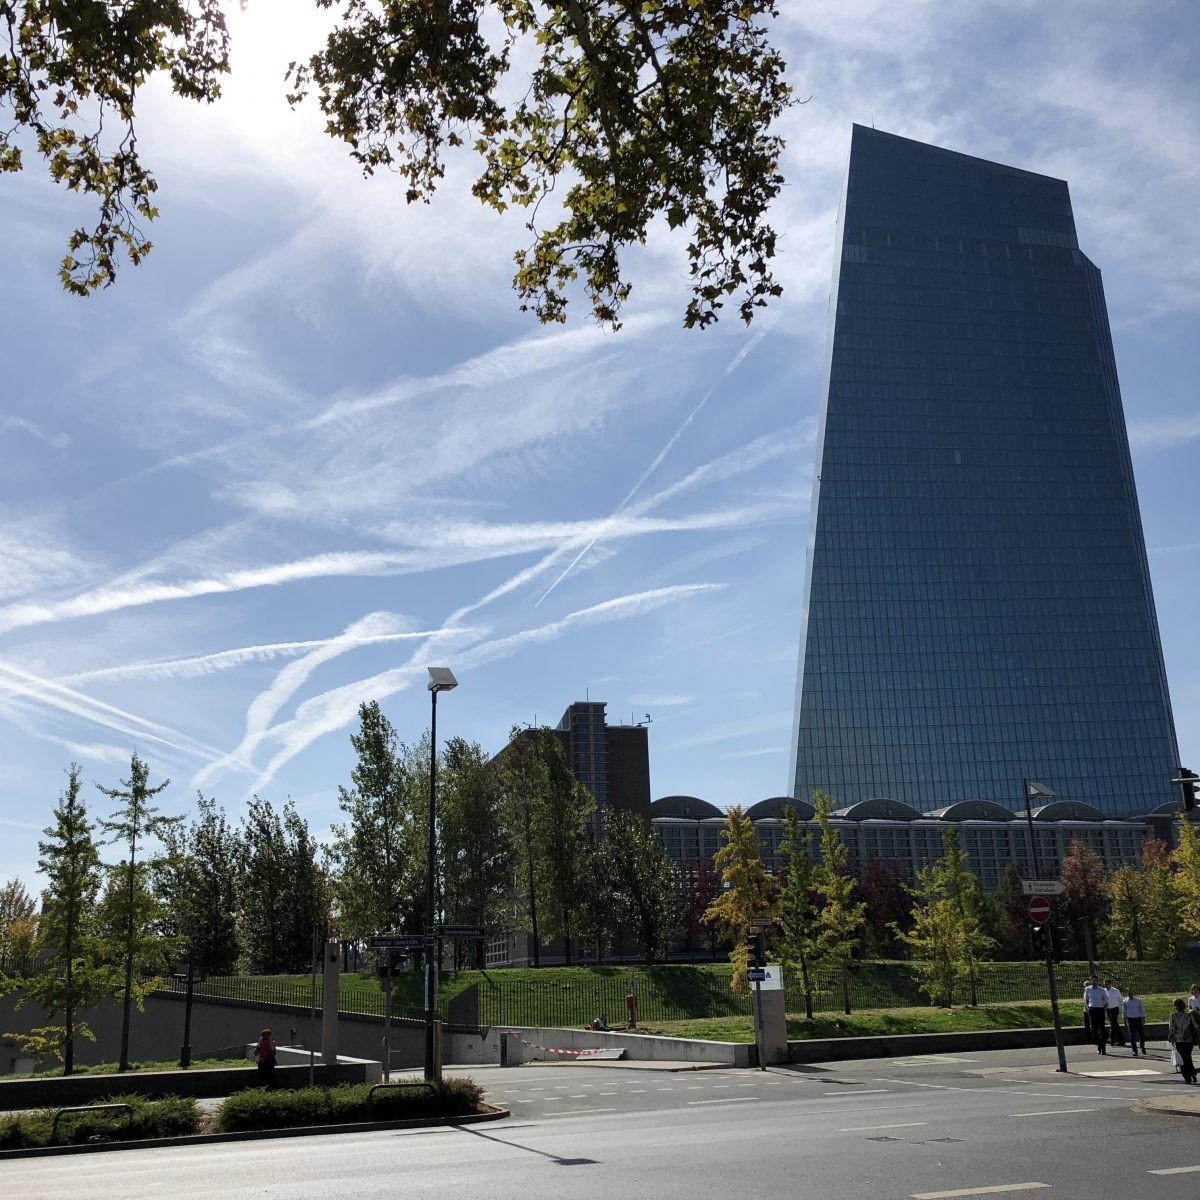 Europäische Zentralbank Frankfurt am Main - Foto: Stefan Rethfeld